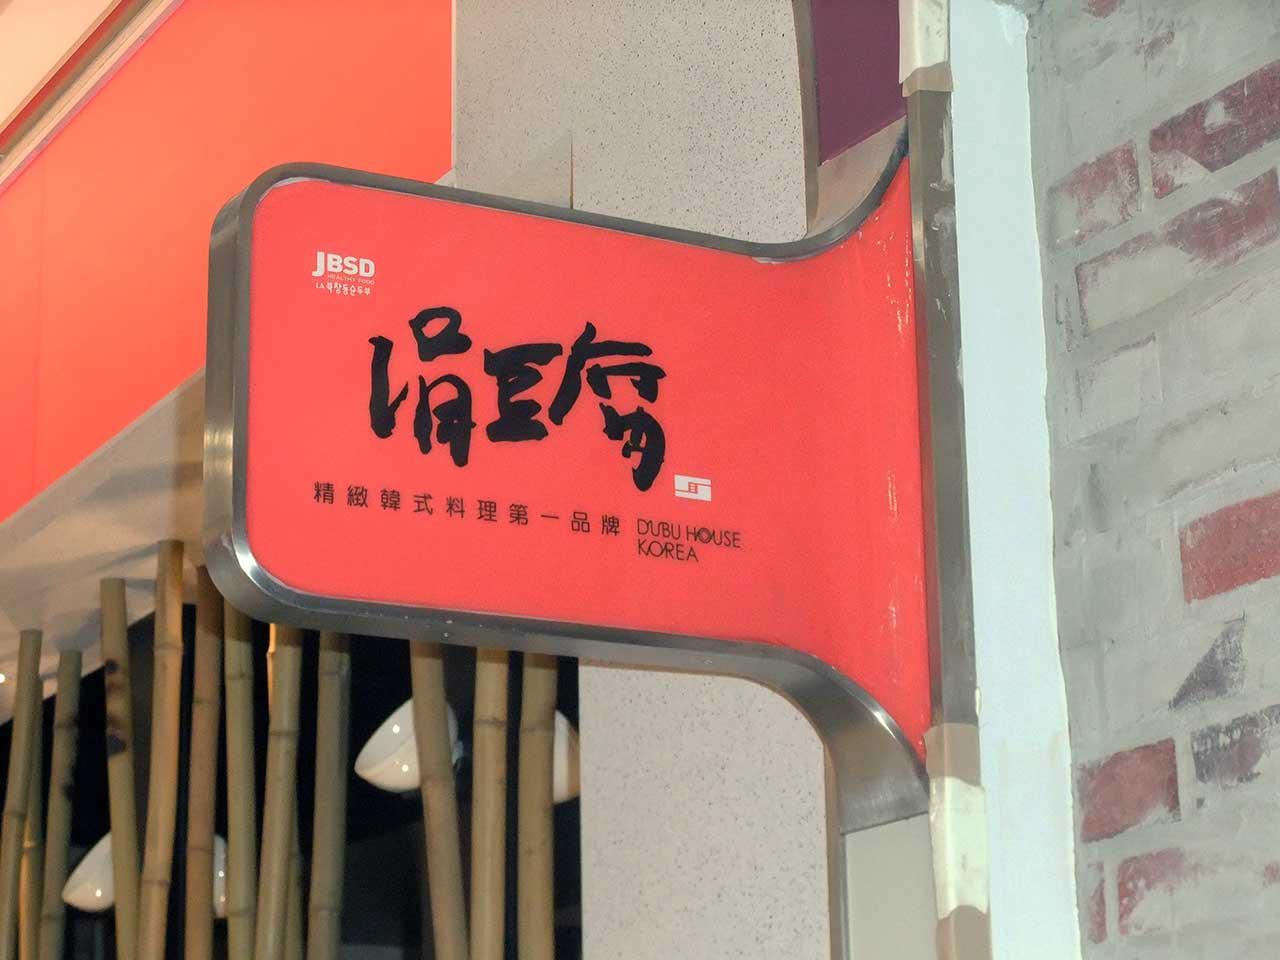 連鎖韓式料理專業招牌